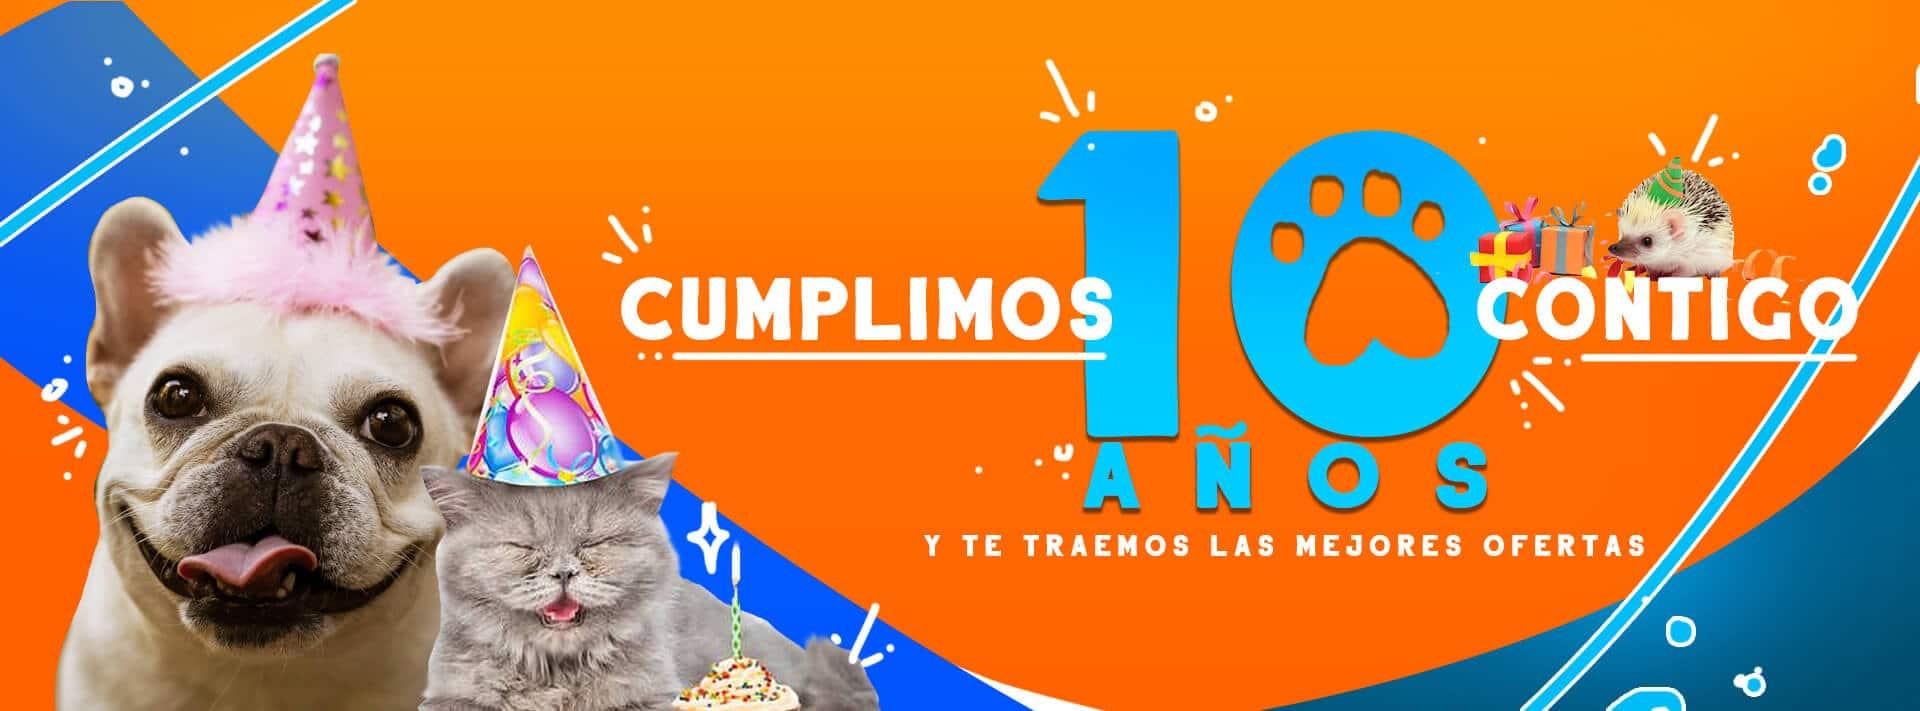 Ofertas de aniversario en TusMascotas.cl